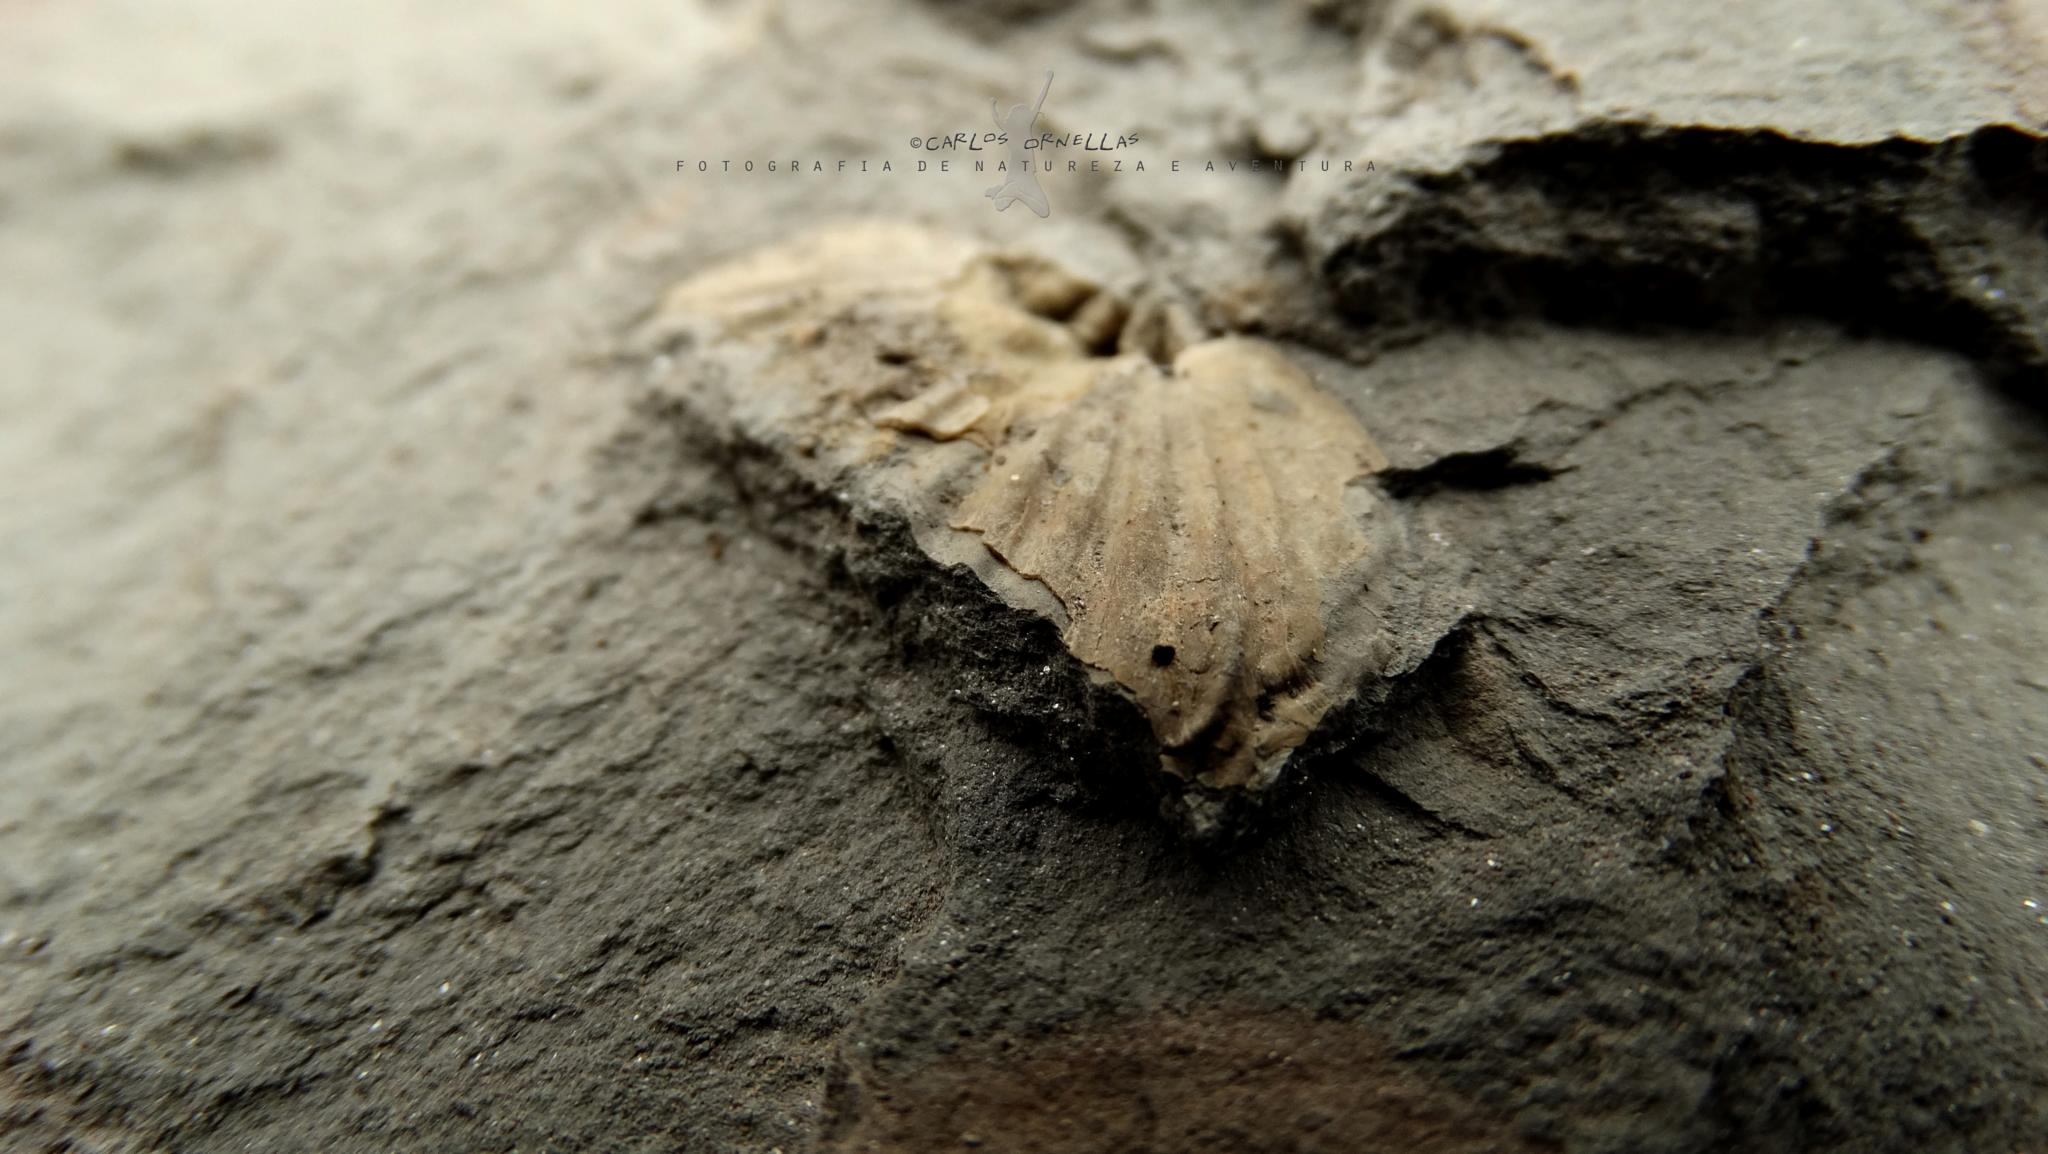 Fossils by Carlos Ornellas